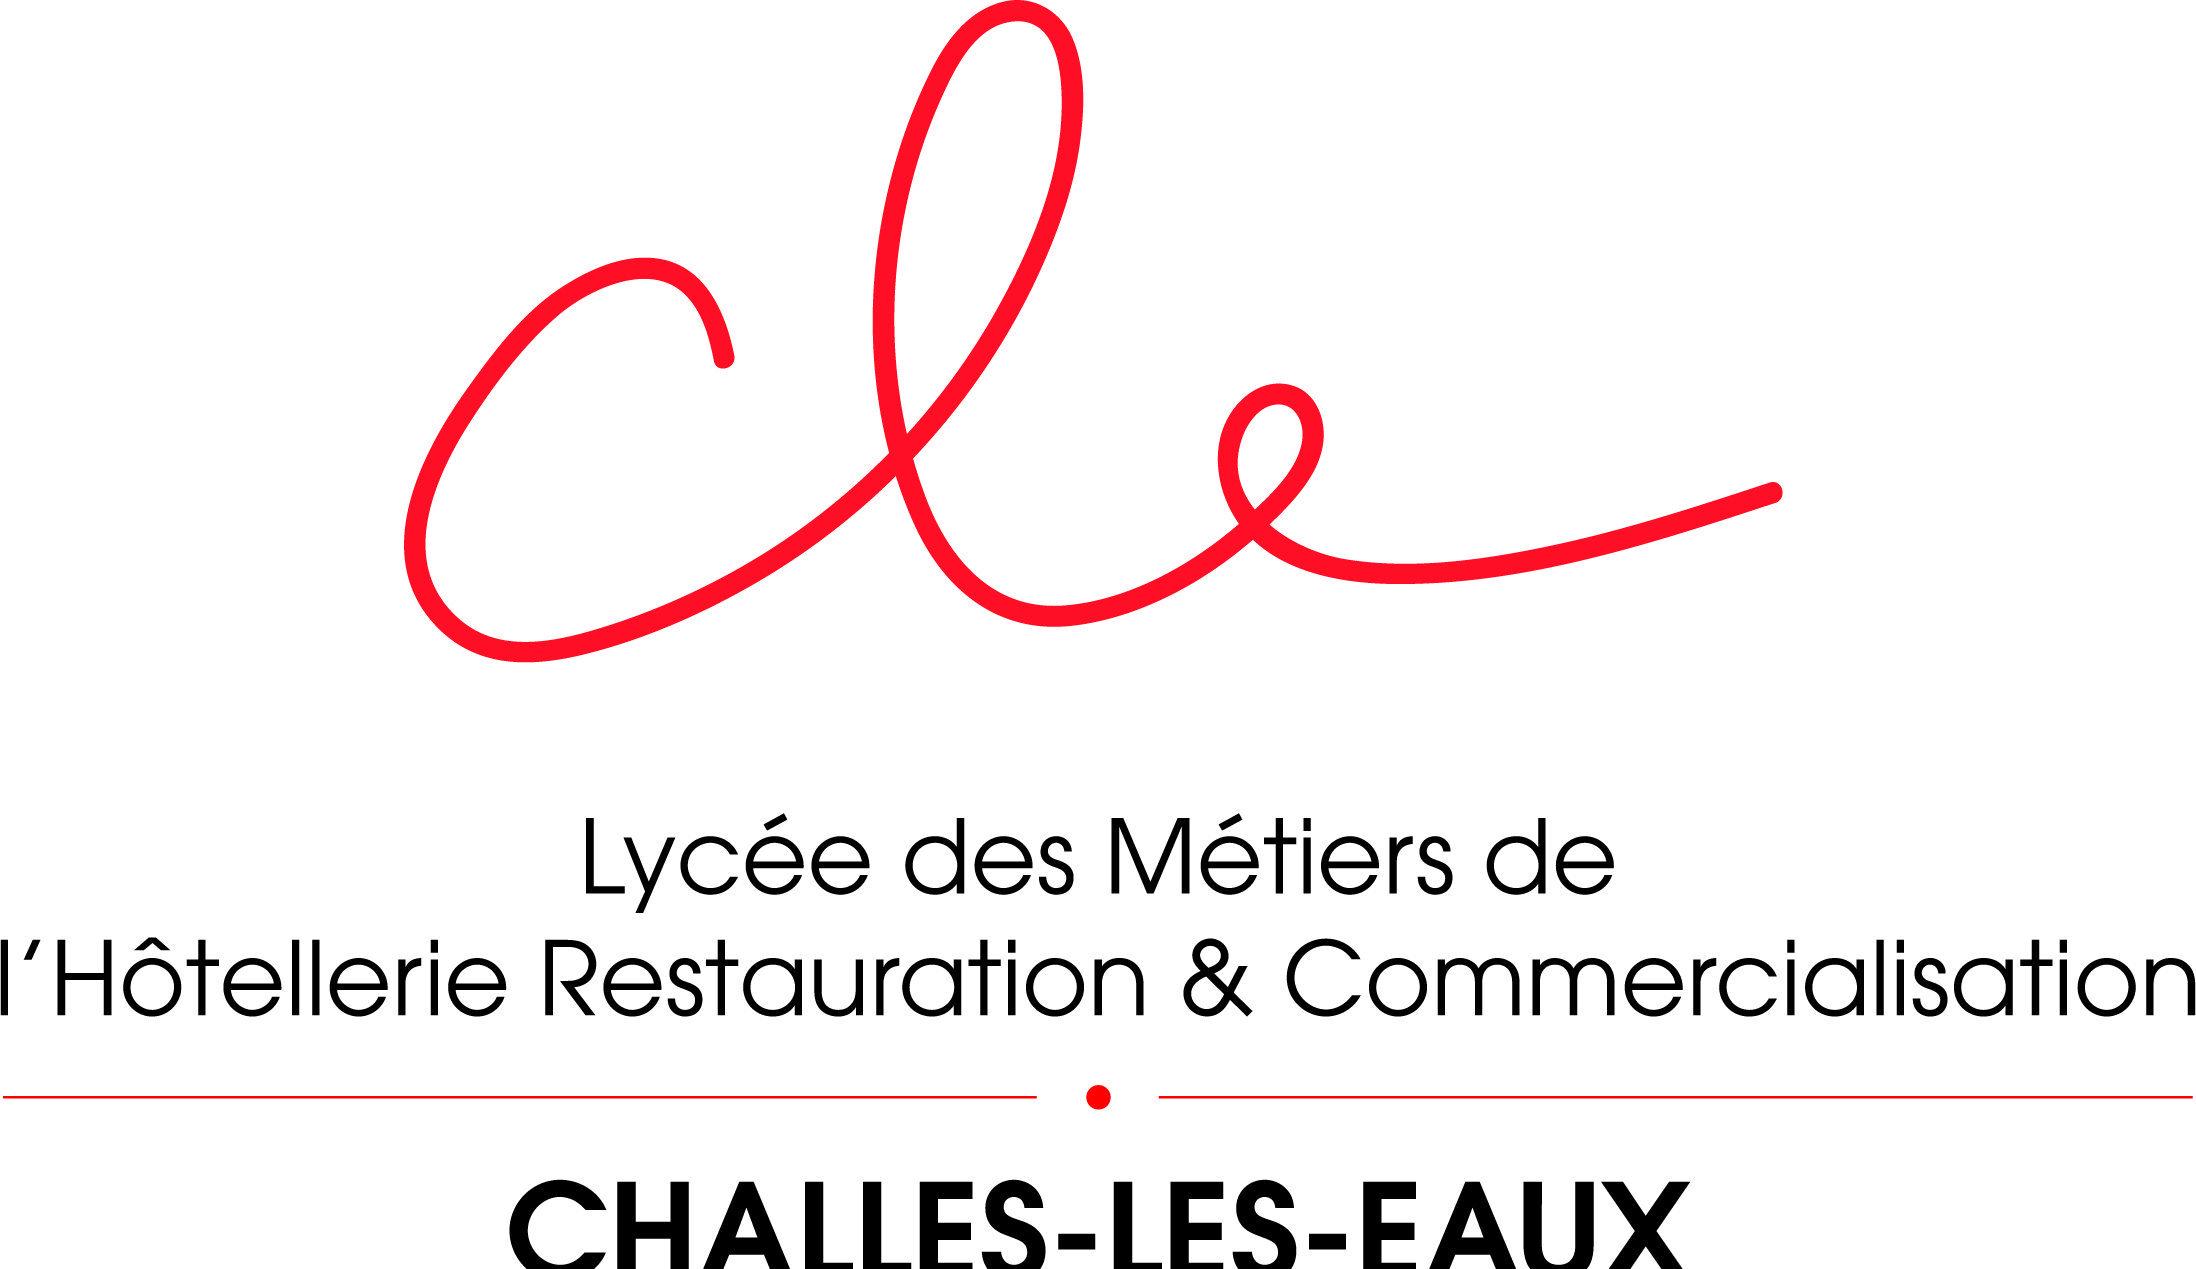 LOGO - Challes-les-Eaux - NEW.jpg